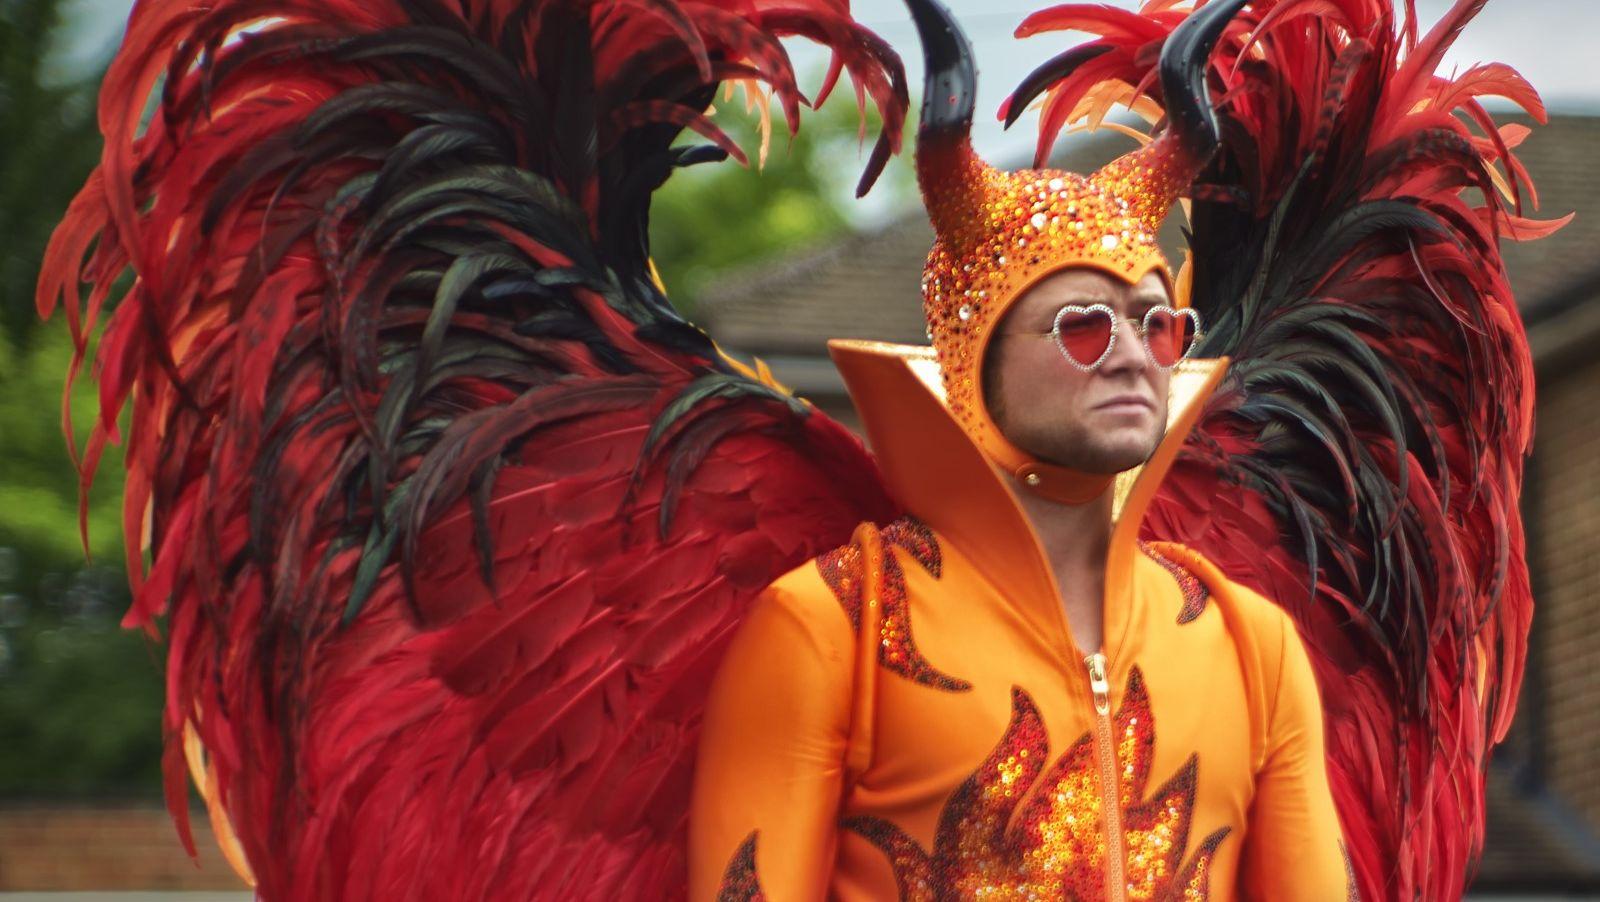 Le demi-frère d'Elton John en colère contre Rocketman